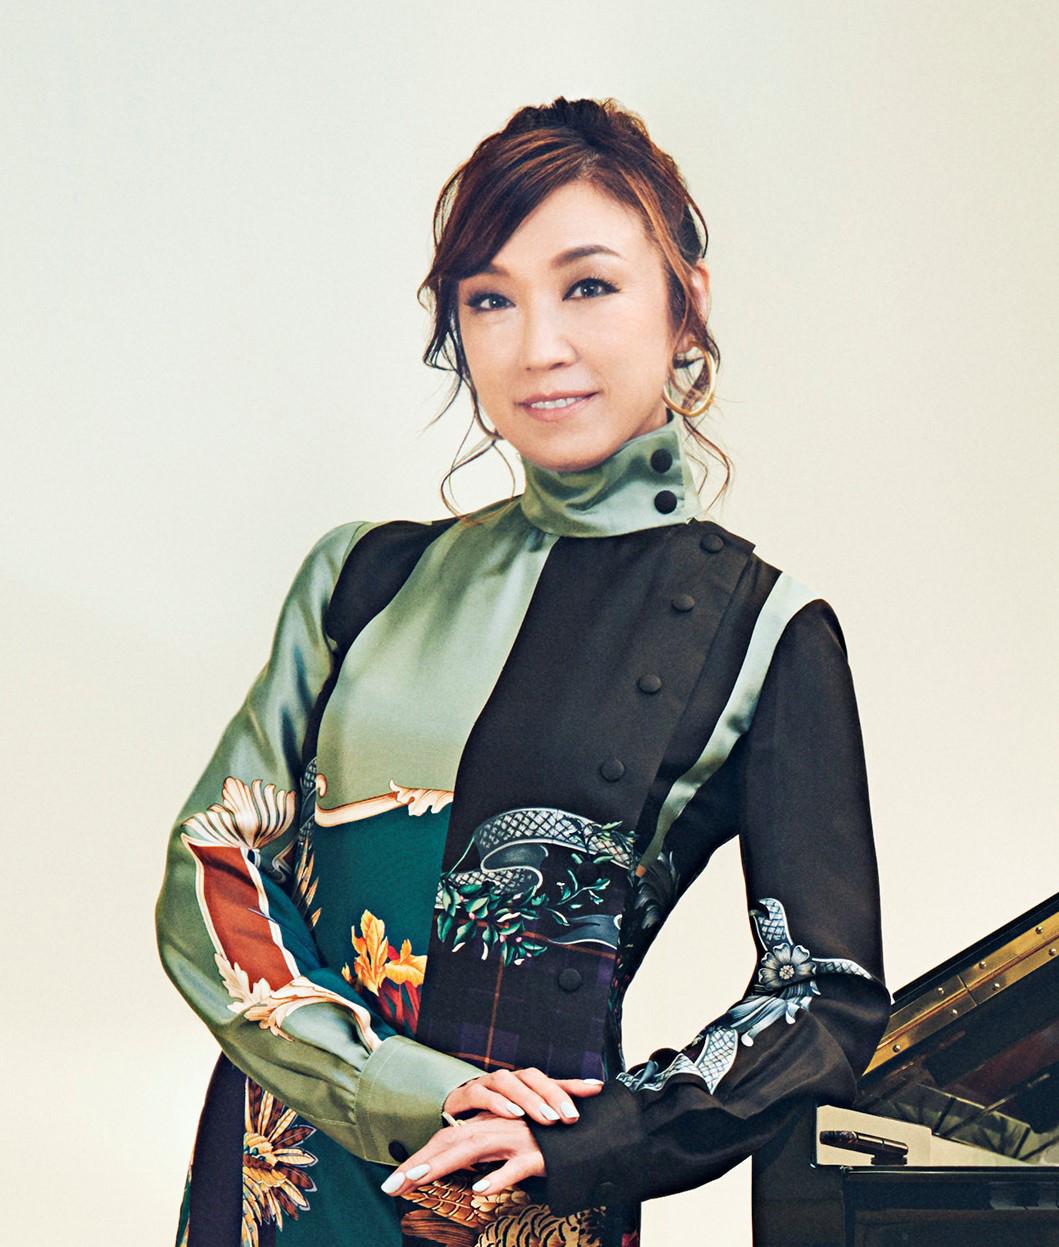 ゲーム「刀剣乱舞-ONLINE-」の主題歌「あなたと 私と」を書きおろした松任谷由実